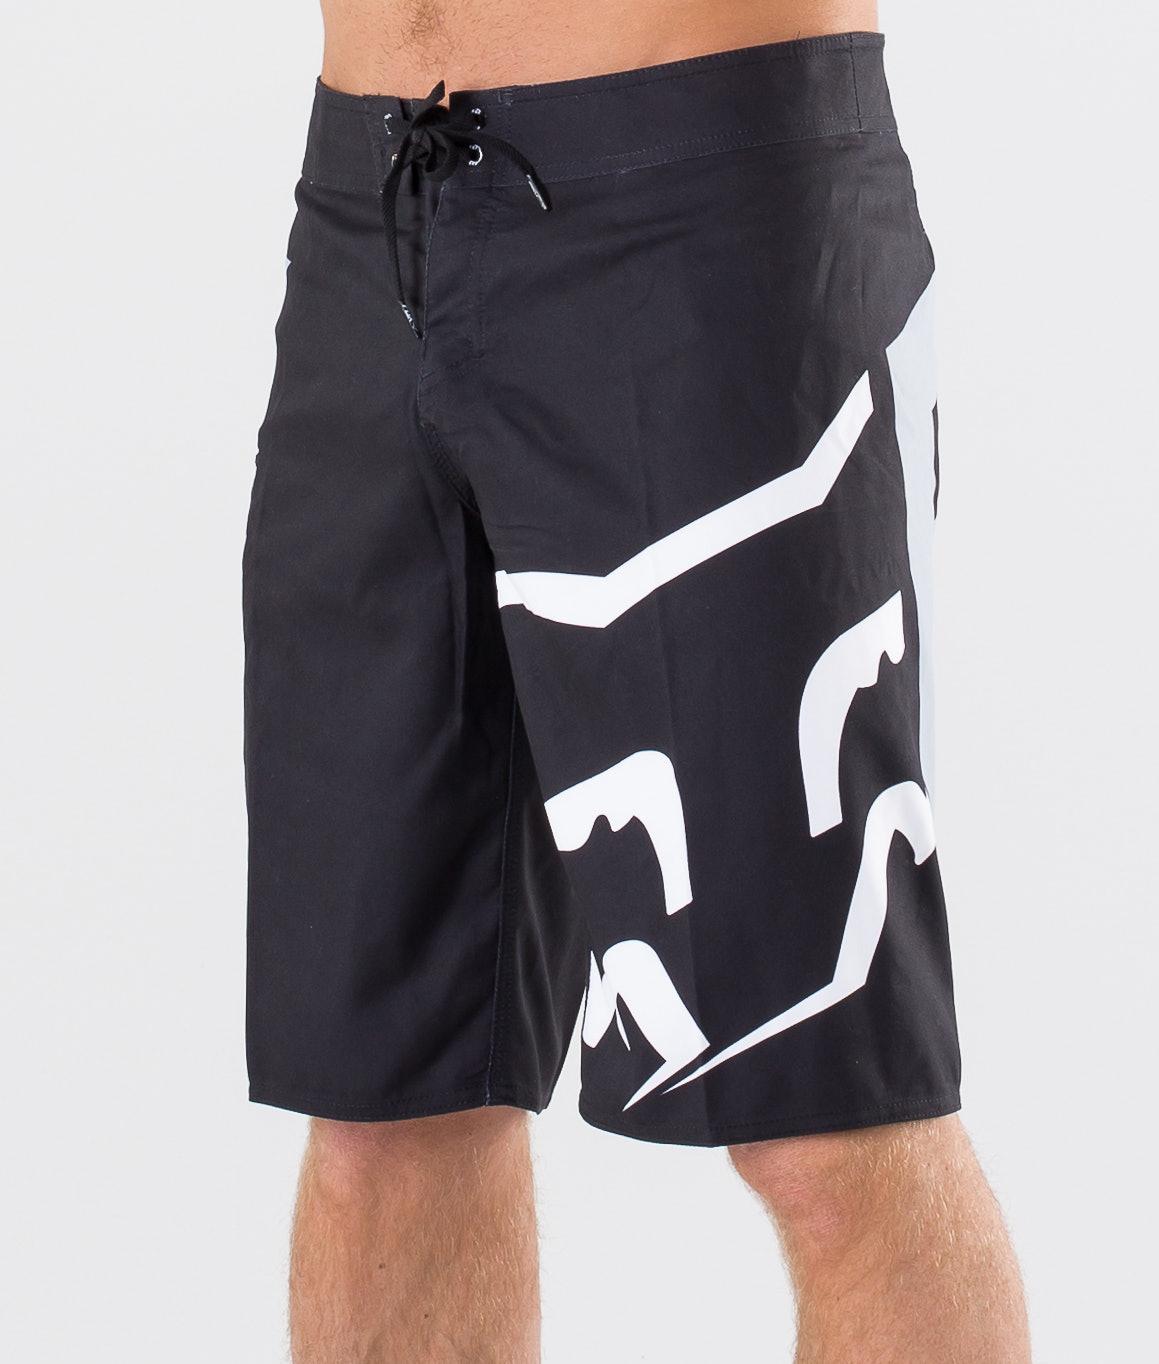 67c184f2d29dc7 Herren Badehosen Streetwear | Kostenlose Lieferung | RIDESTORE